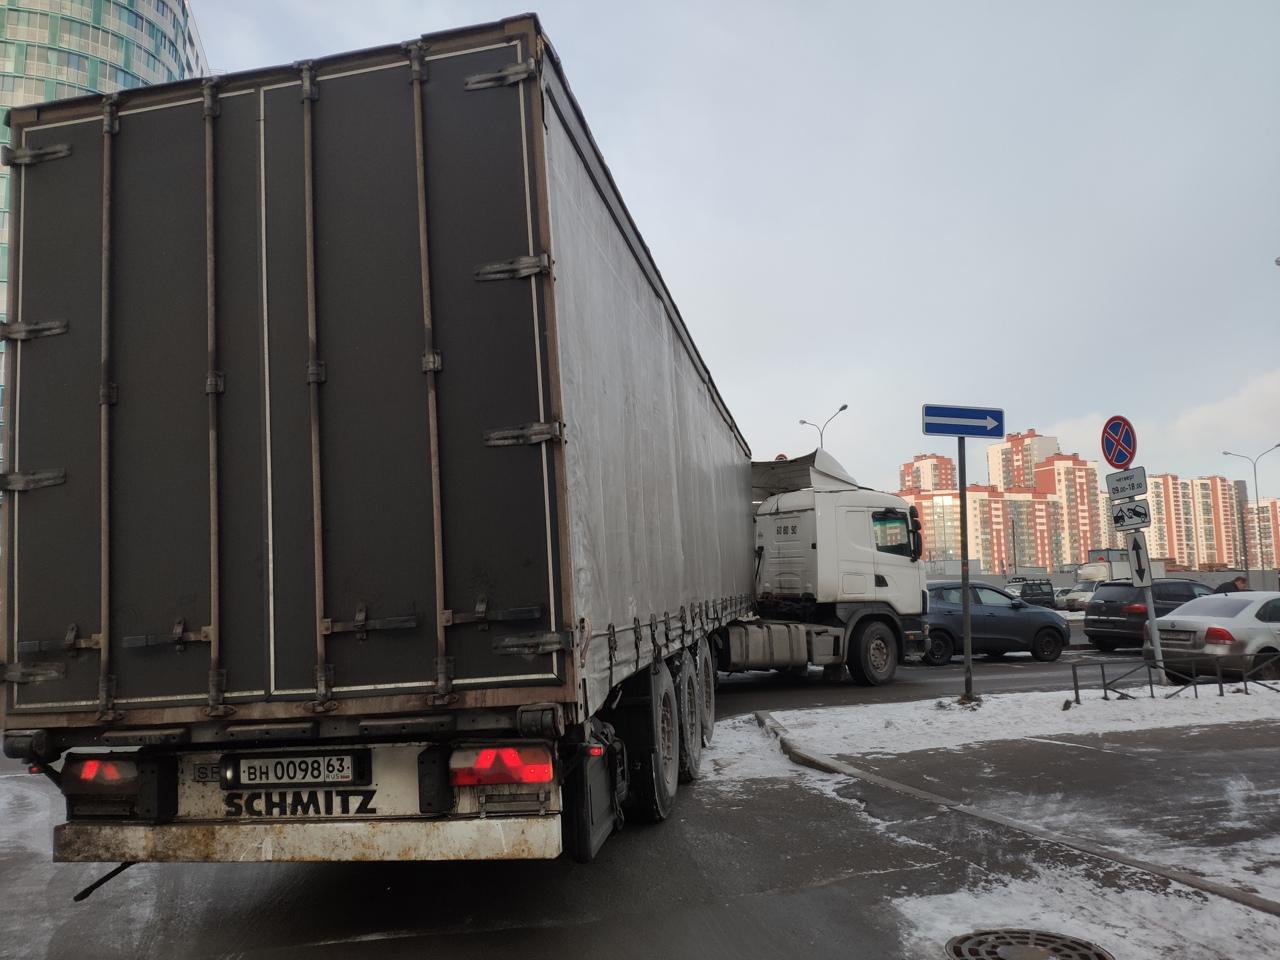 Фура выезжая из дворов от ТЦ Прибалтийский в карман на пр. Героев зацепила припаркованный автомобиль...